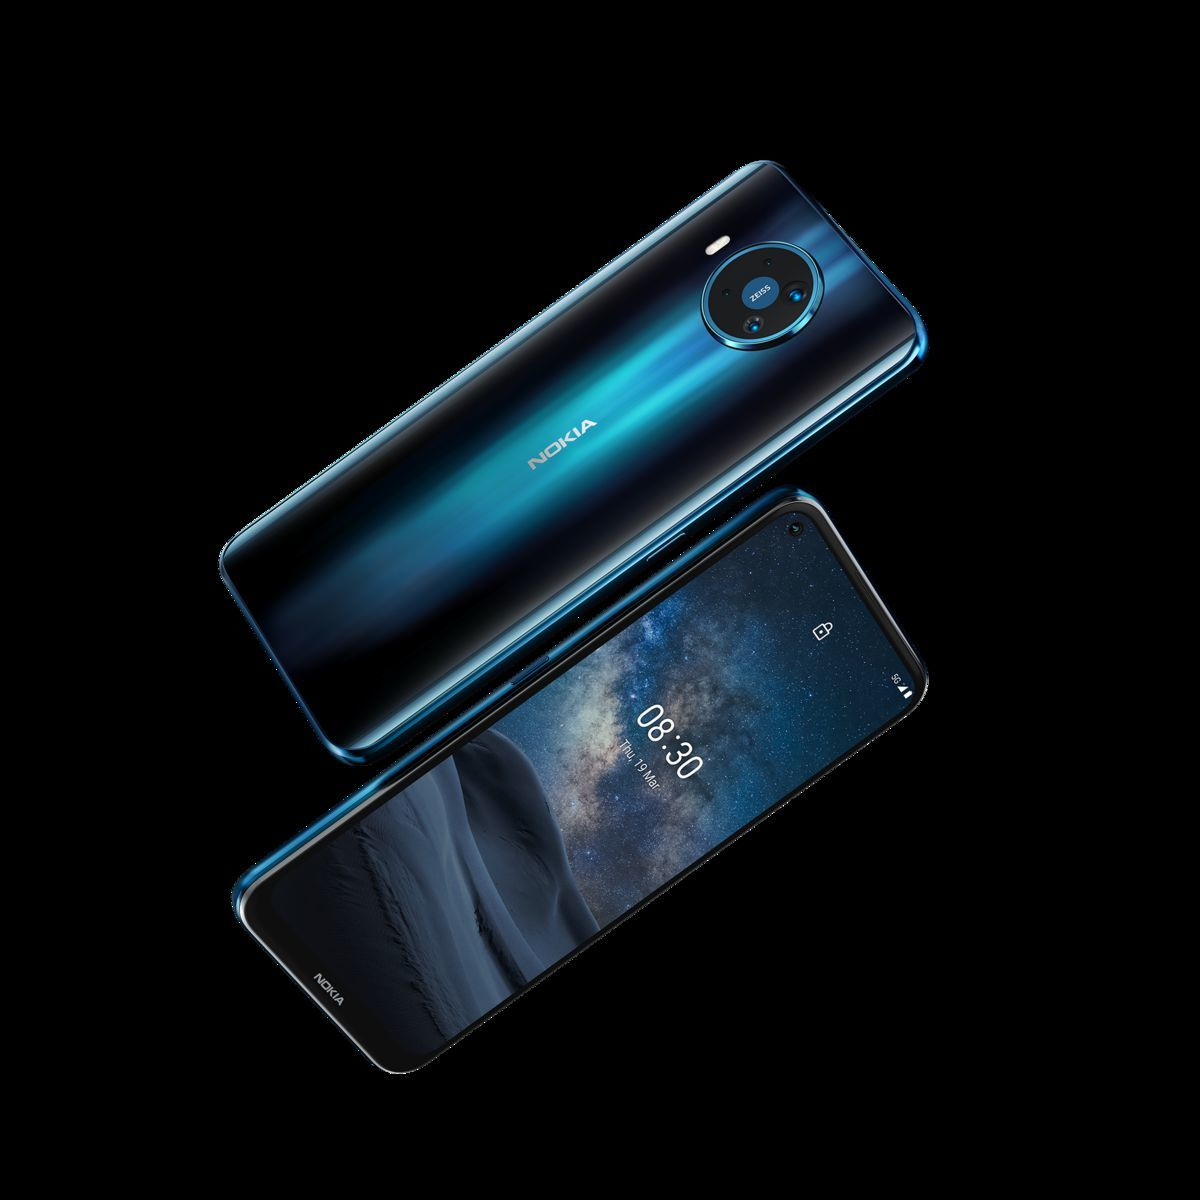 Yeni 5G'li Nokia 8.3 ile 4 Yeni Nokia Telefon Tanıtıldı